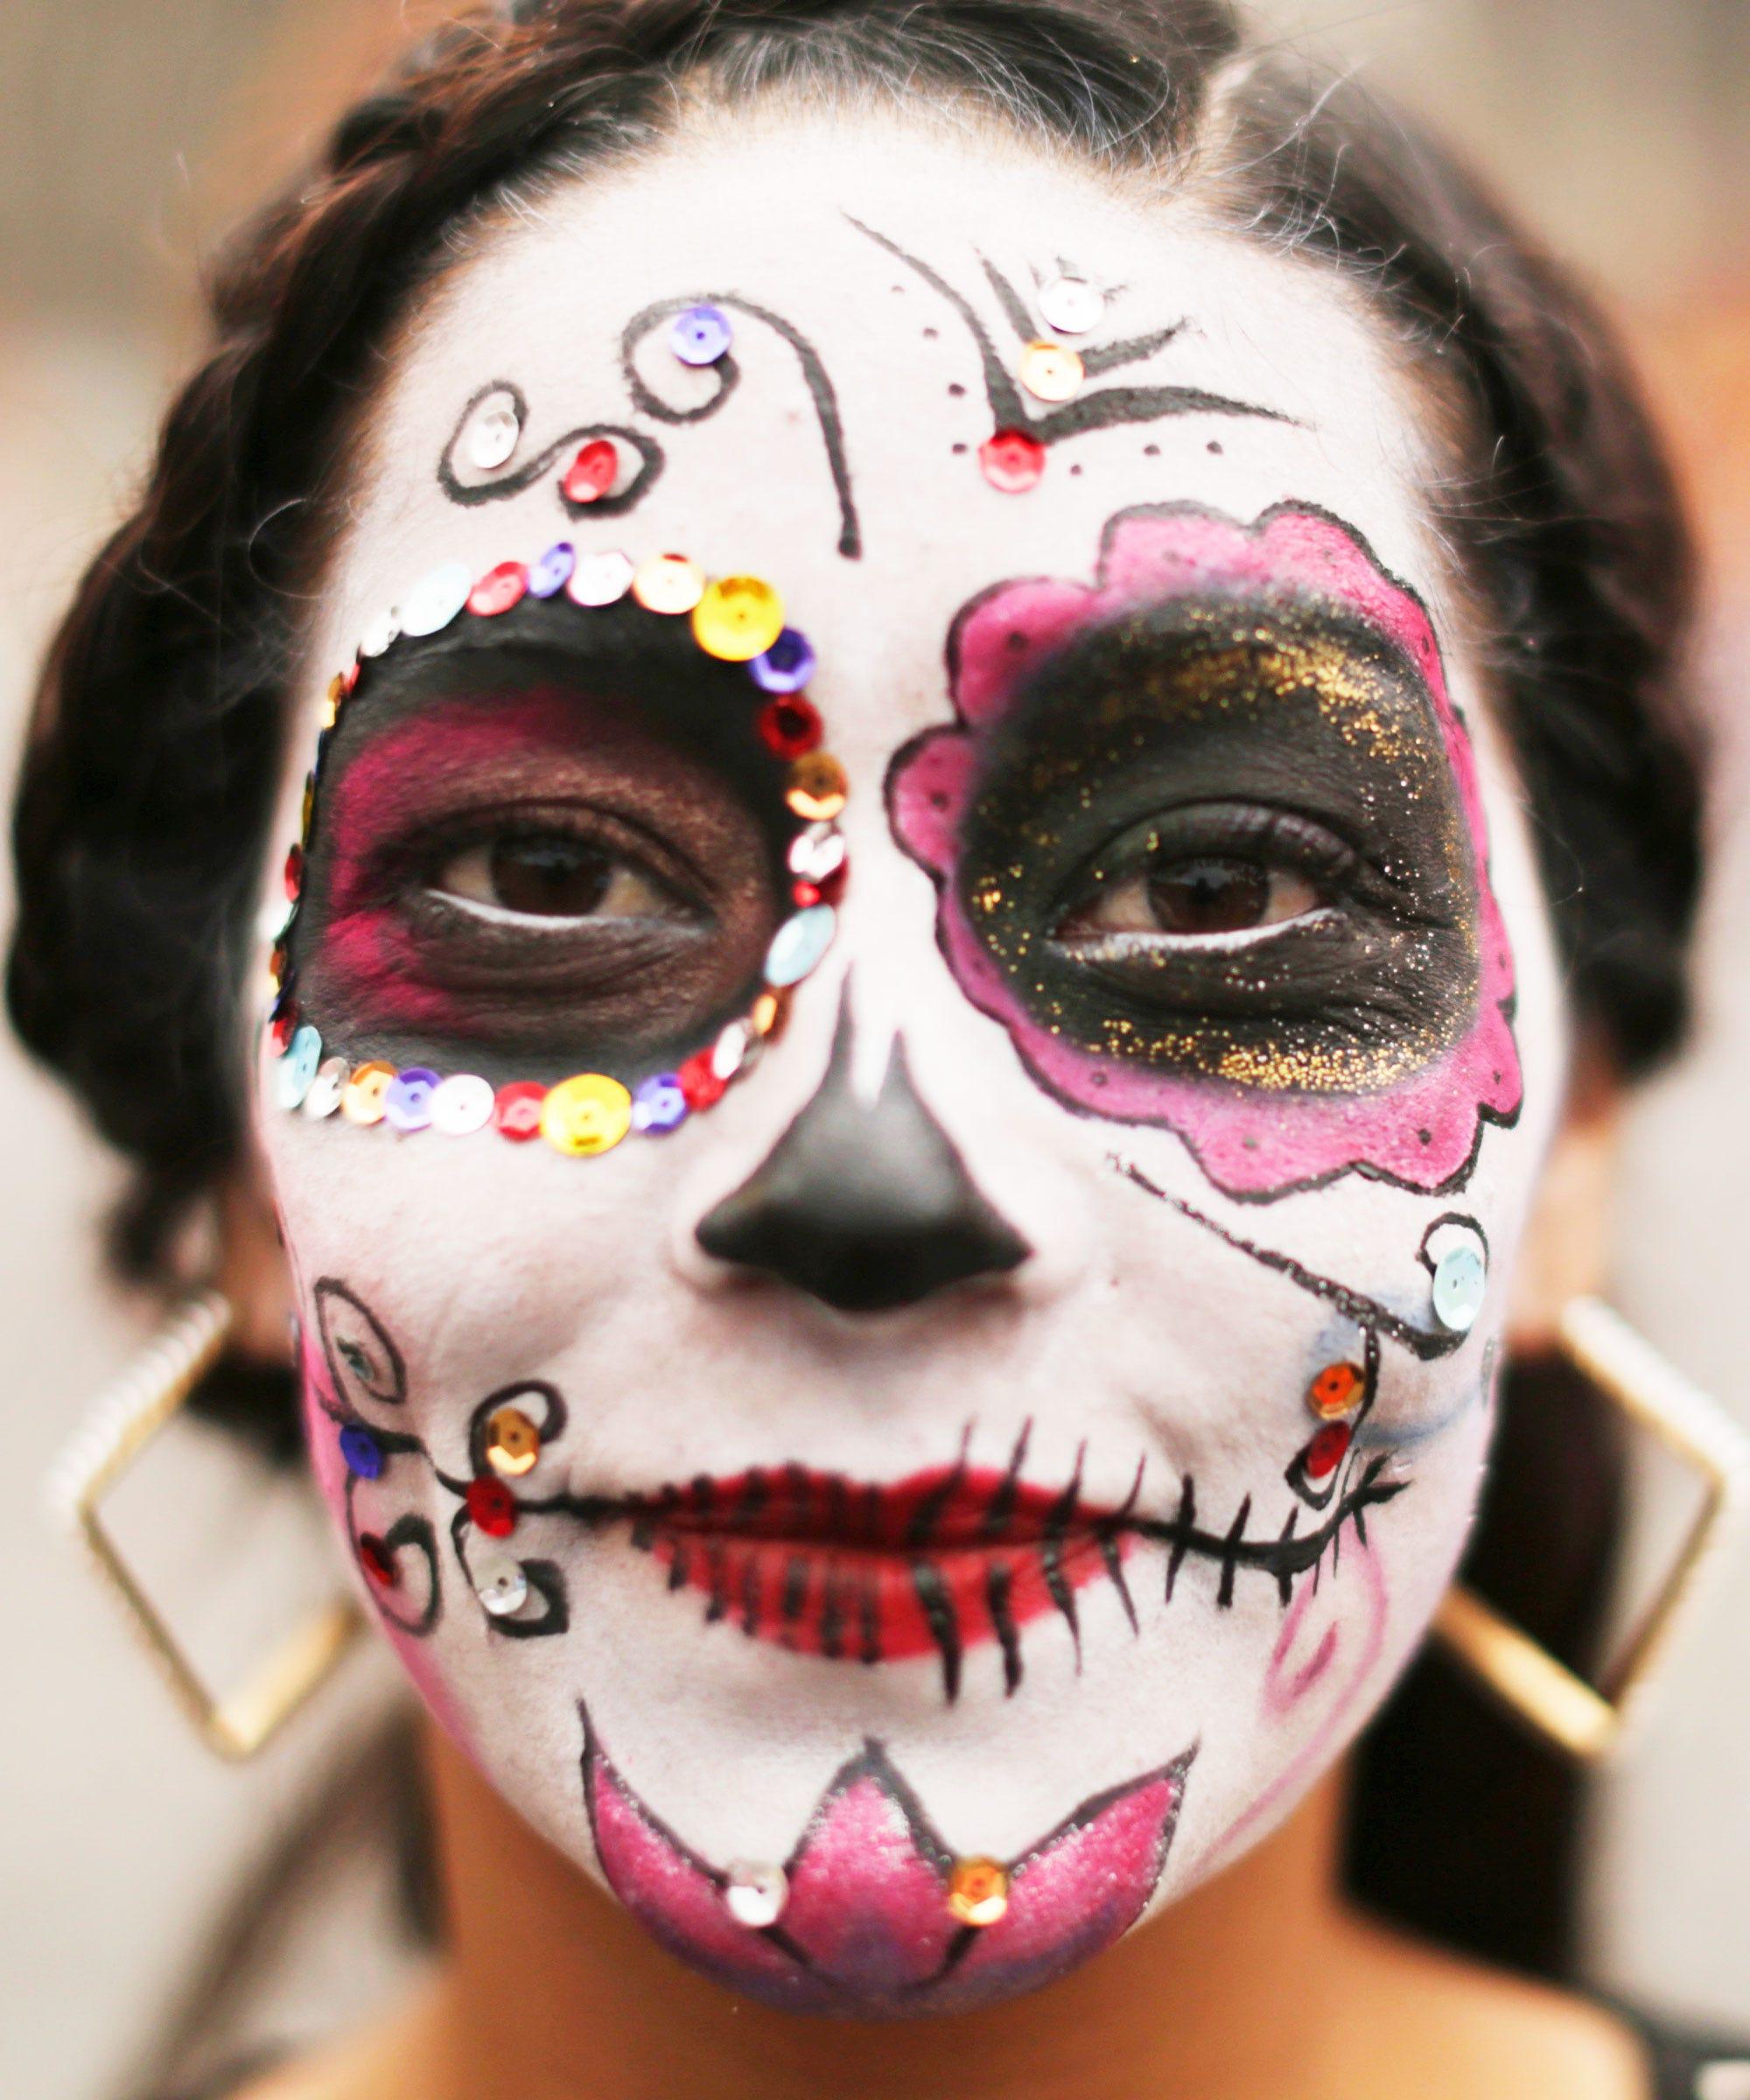 day of the dead traditions, dia de los muertos history